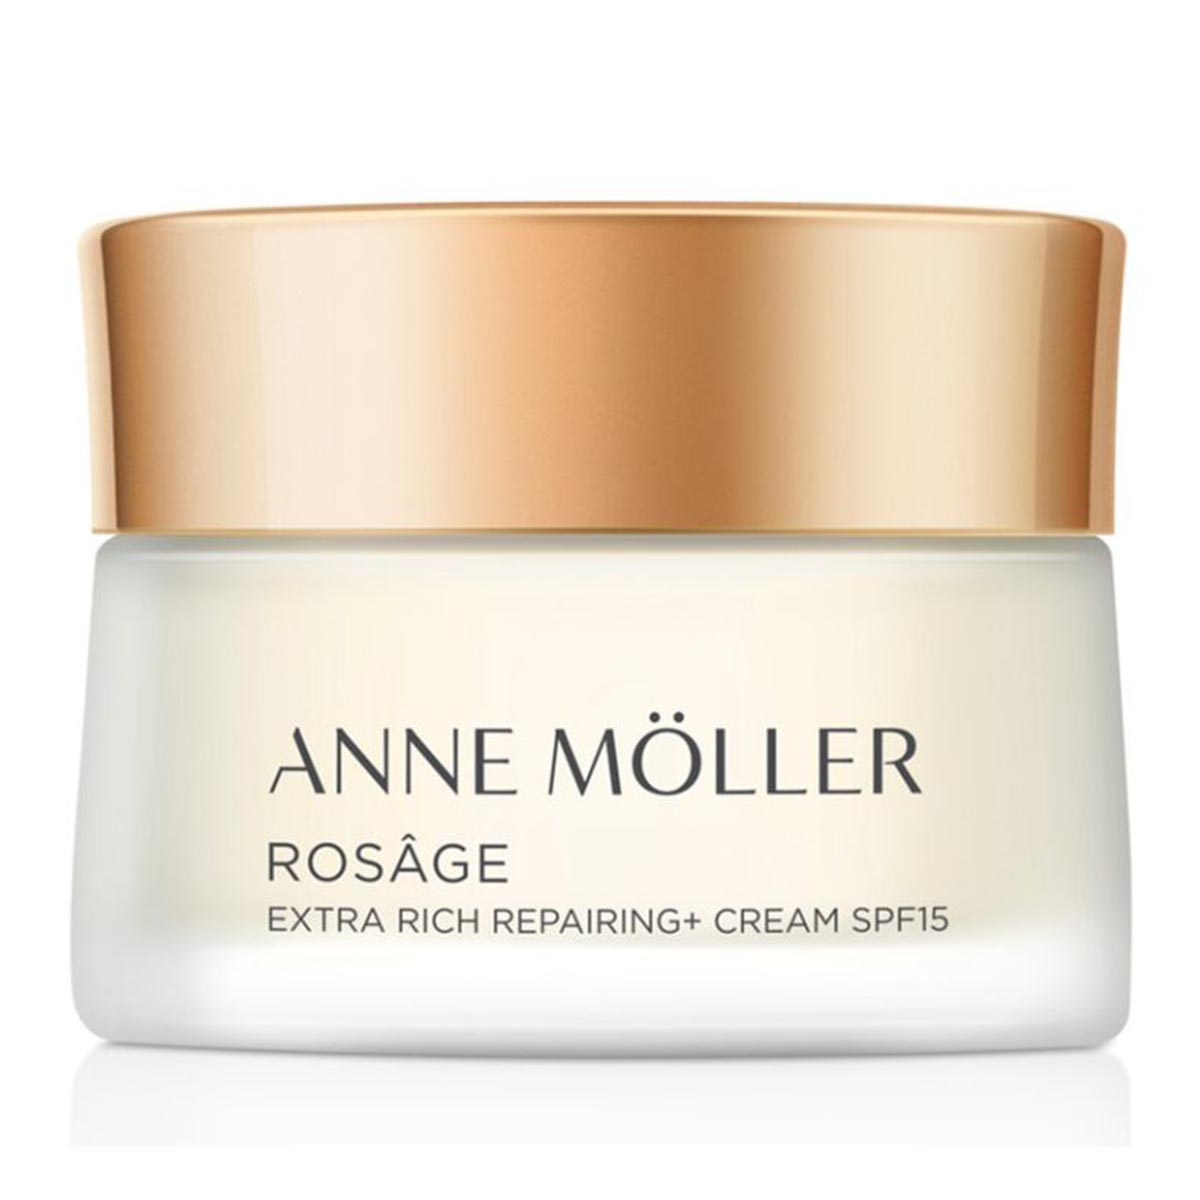 Anne moller rosage spf15 extra rich cream 50ml